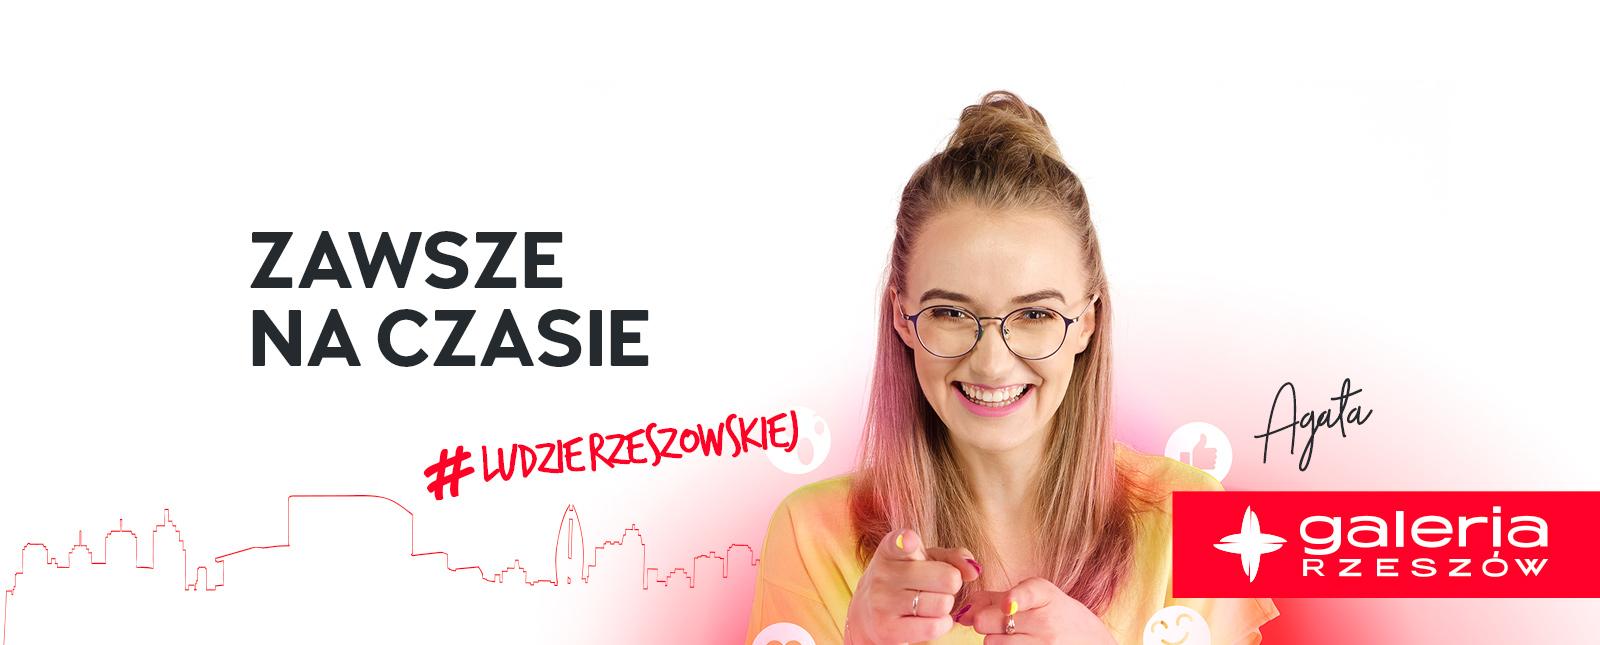 ludzie_rzeszowskiej_AGATA